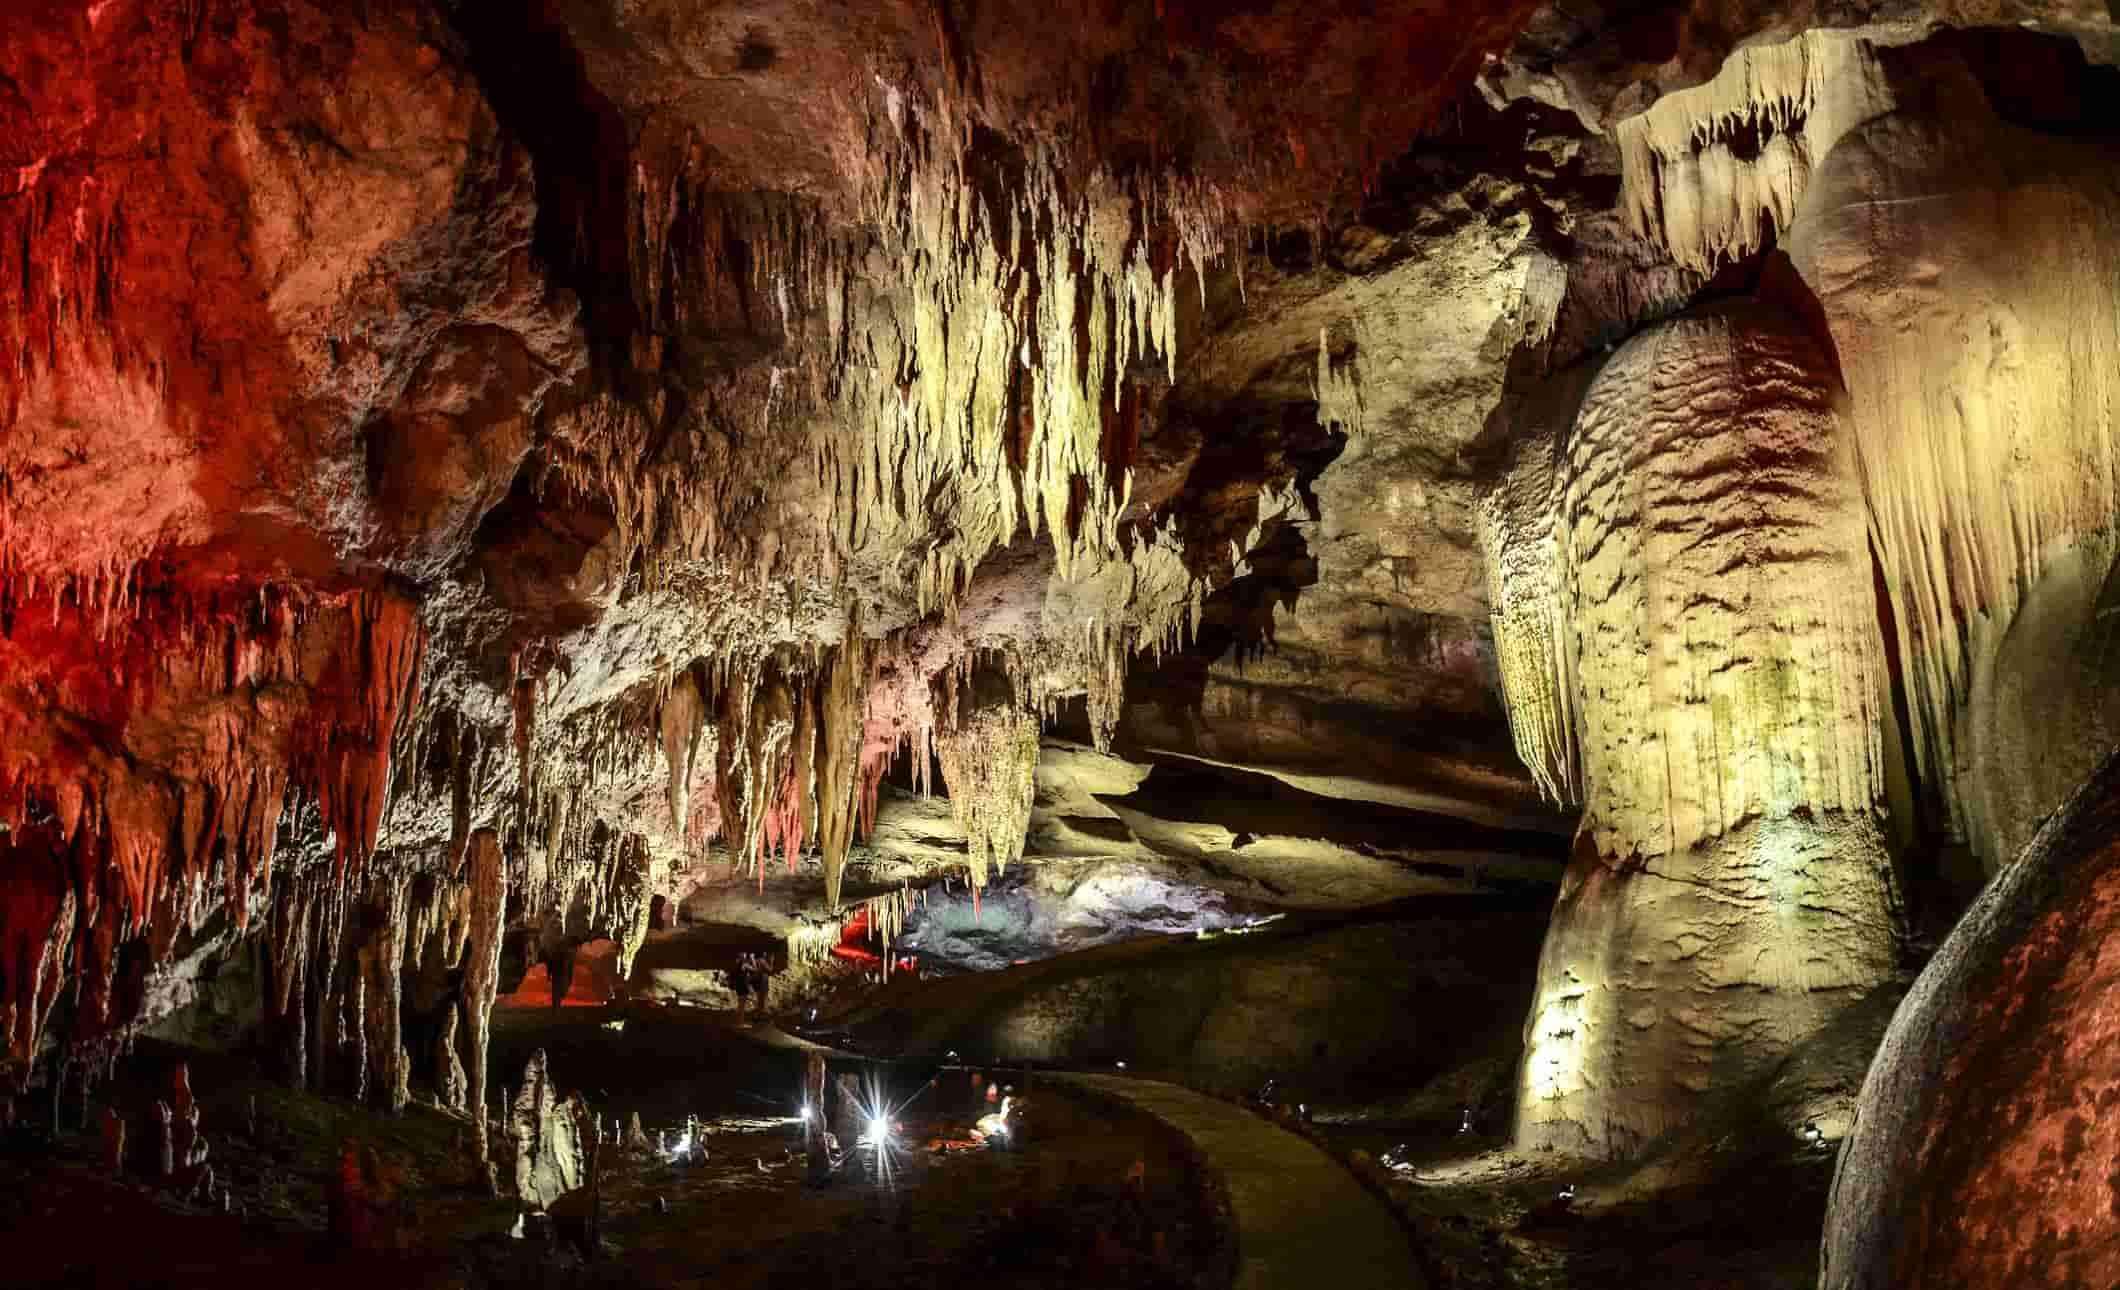 Пещера Прометея, пещера Кумистави, Цхалтубо, Грузия